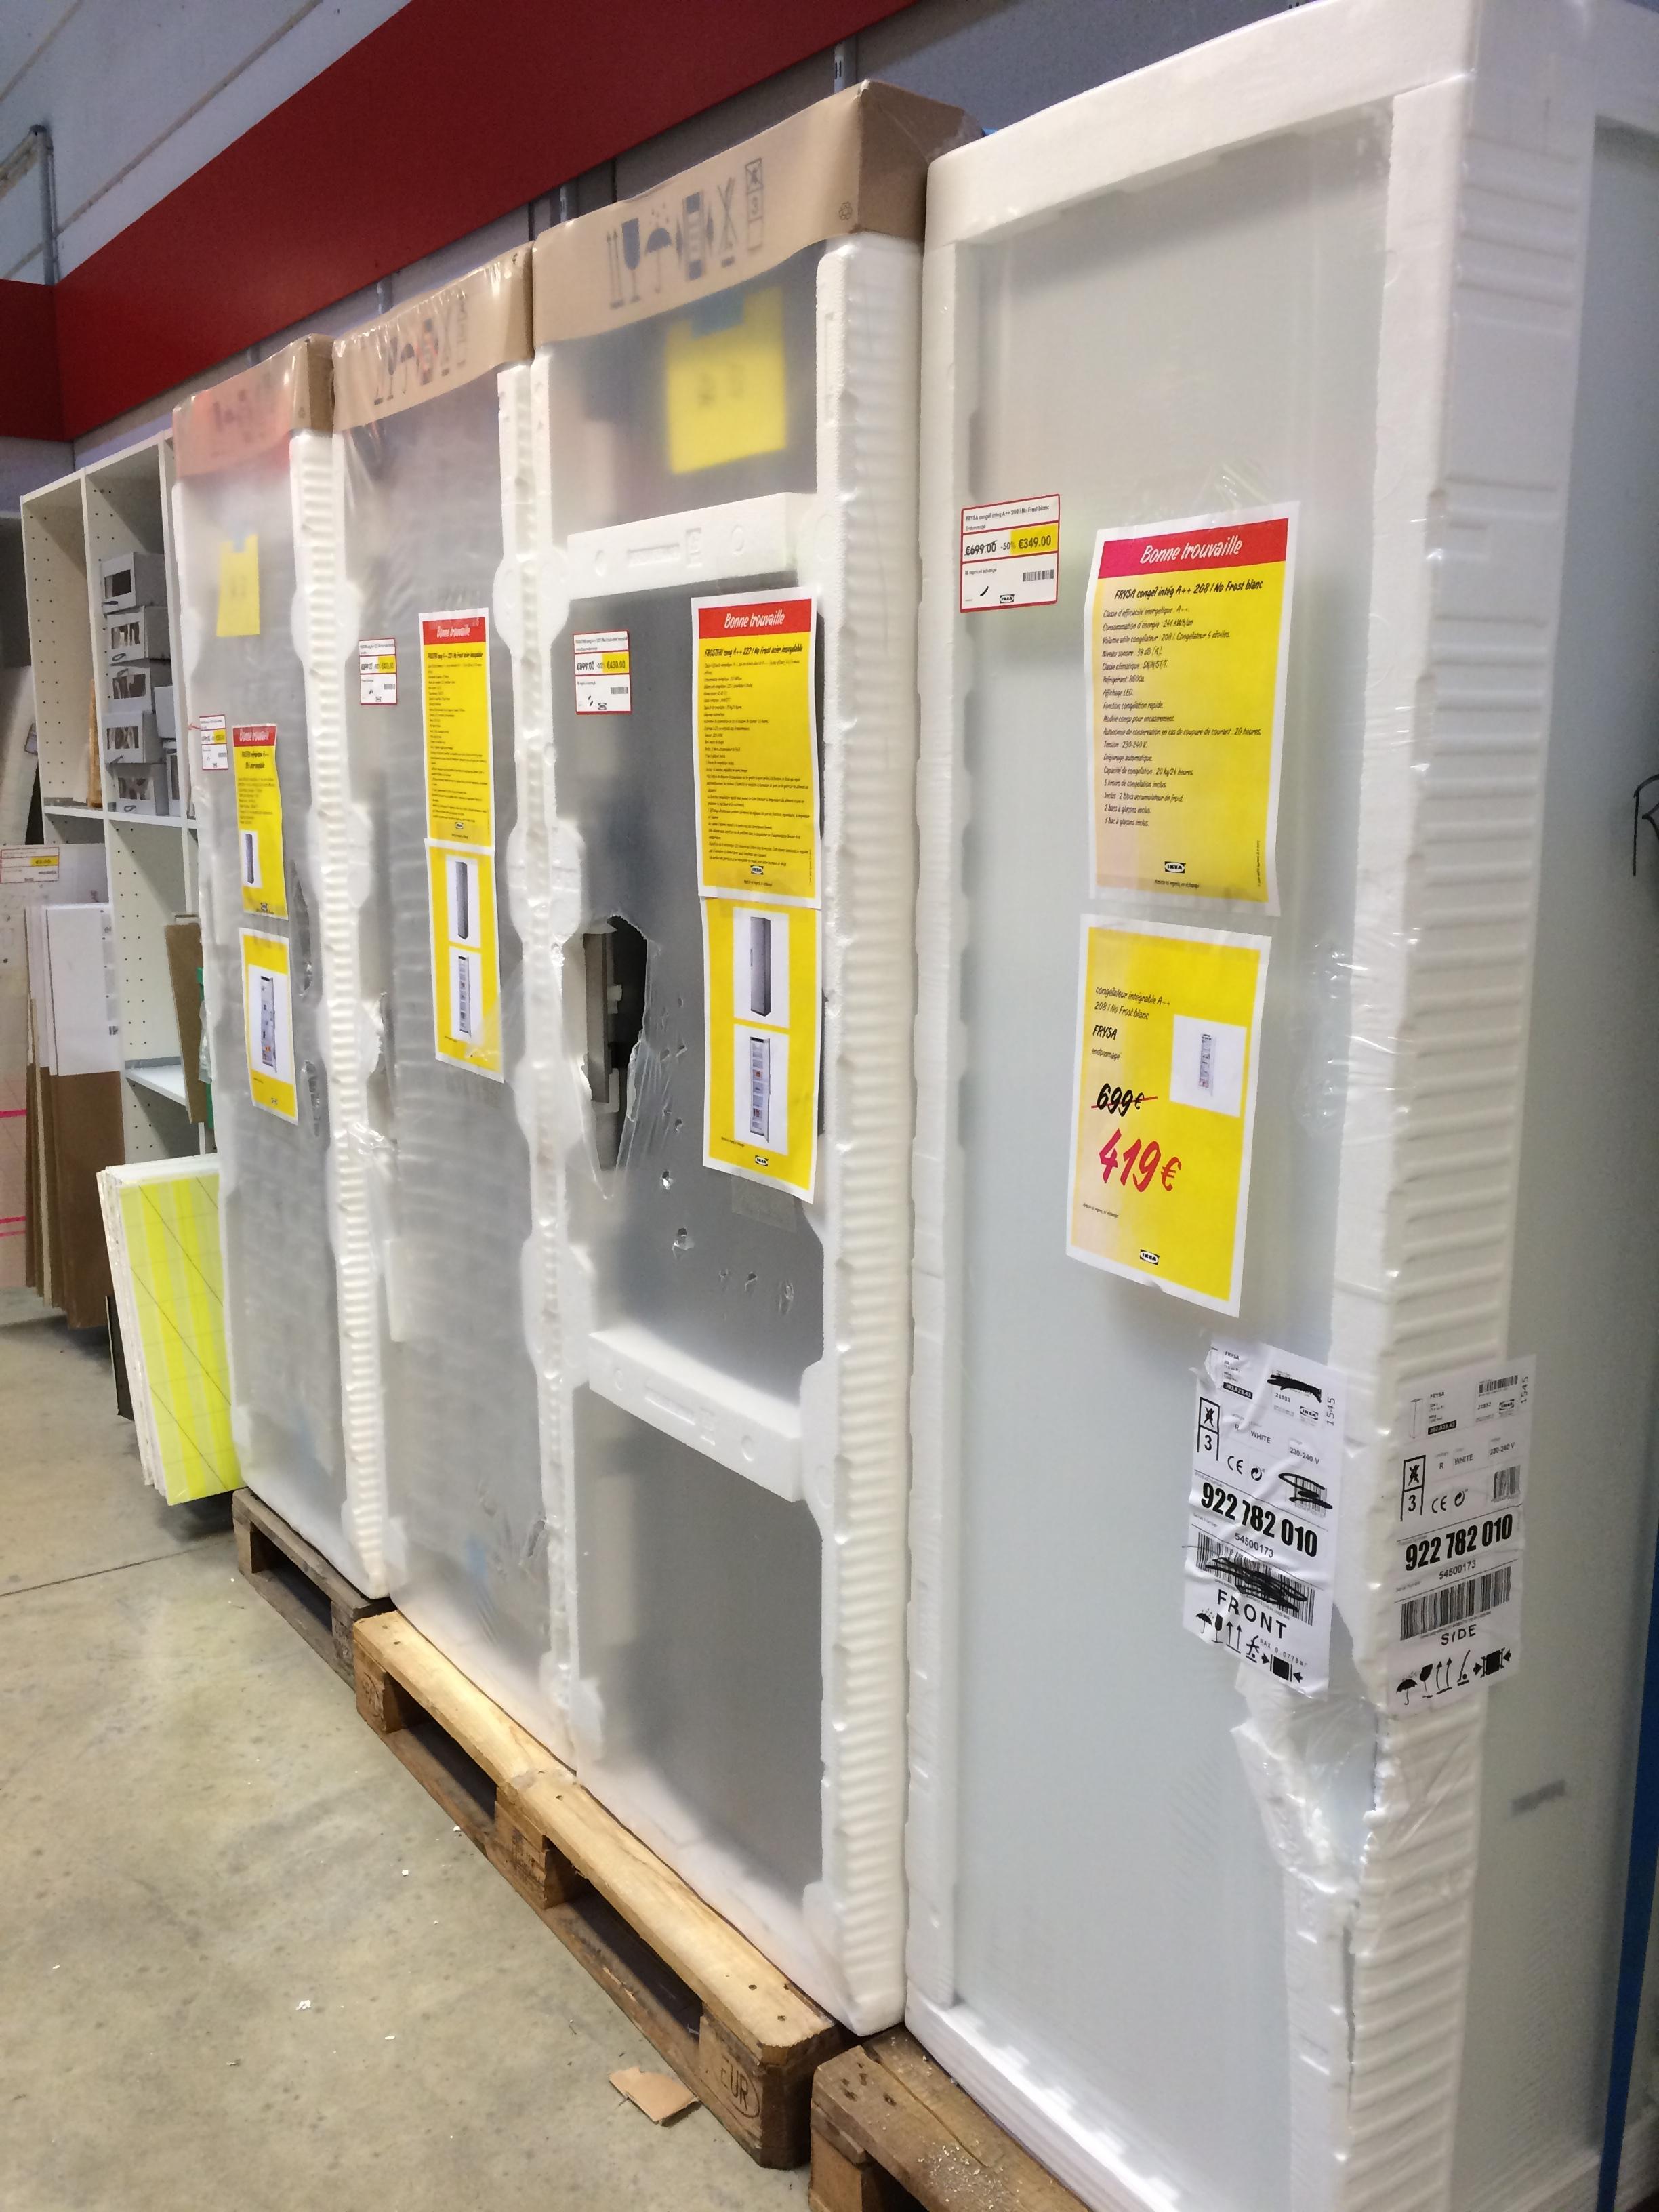 Sélection de réfrigérateurs d'exposition en promo - Ex : Congélateur intégrable Frysa 208 Litres